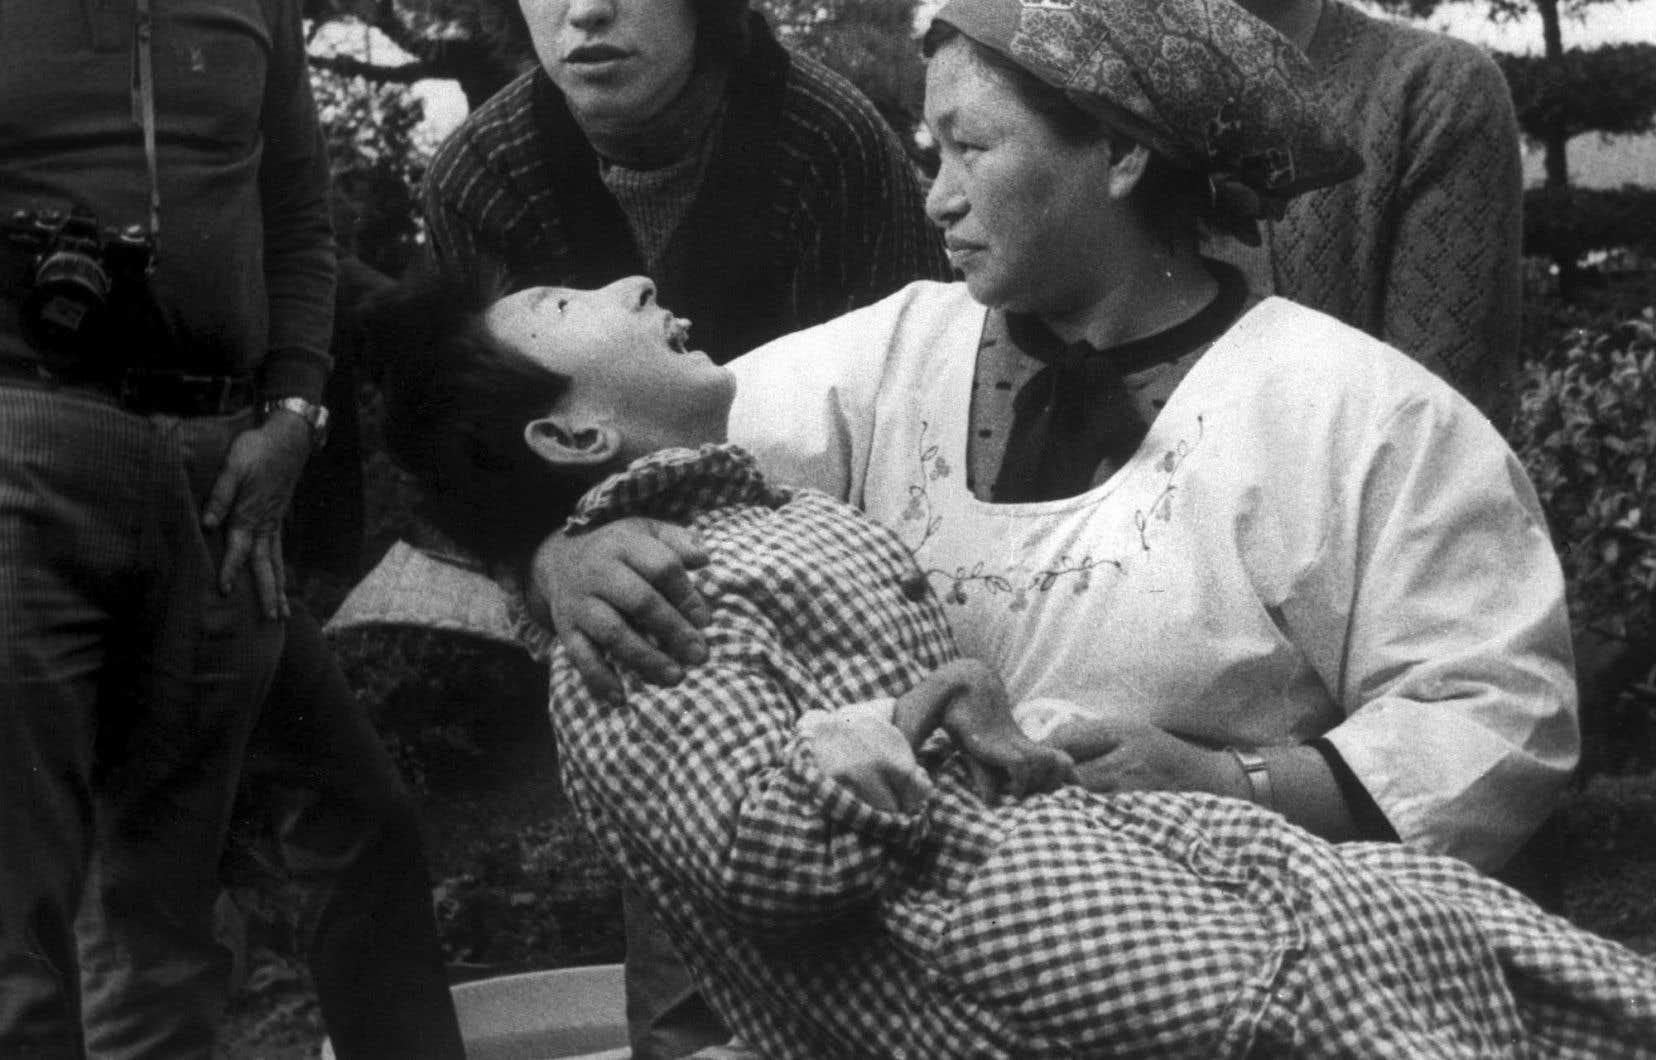 En 1973, une femme tient dans ses bras une victime de la contamination chimique à Minamata qui a une malformation de la main.